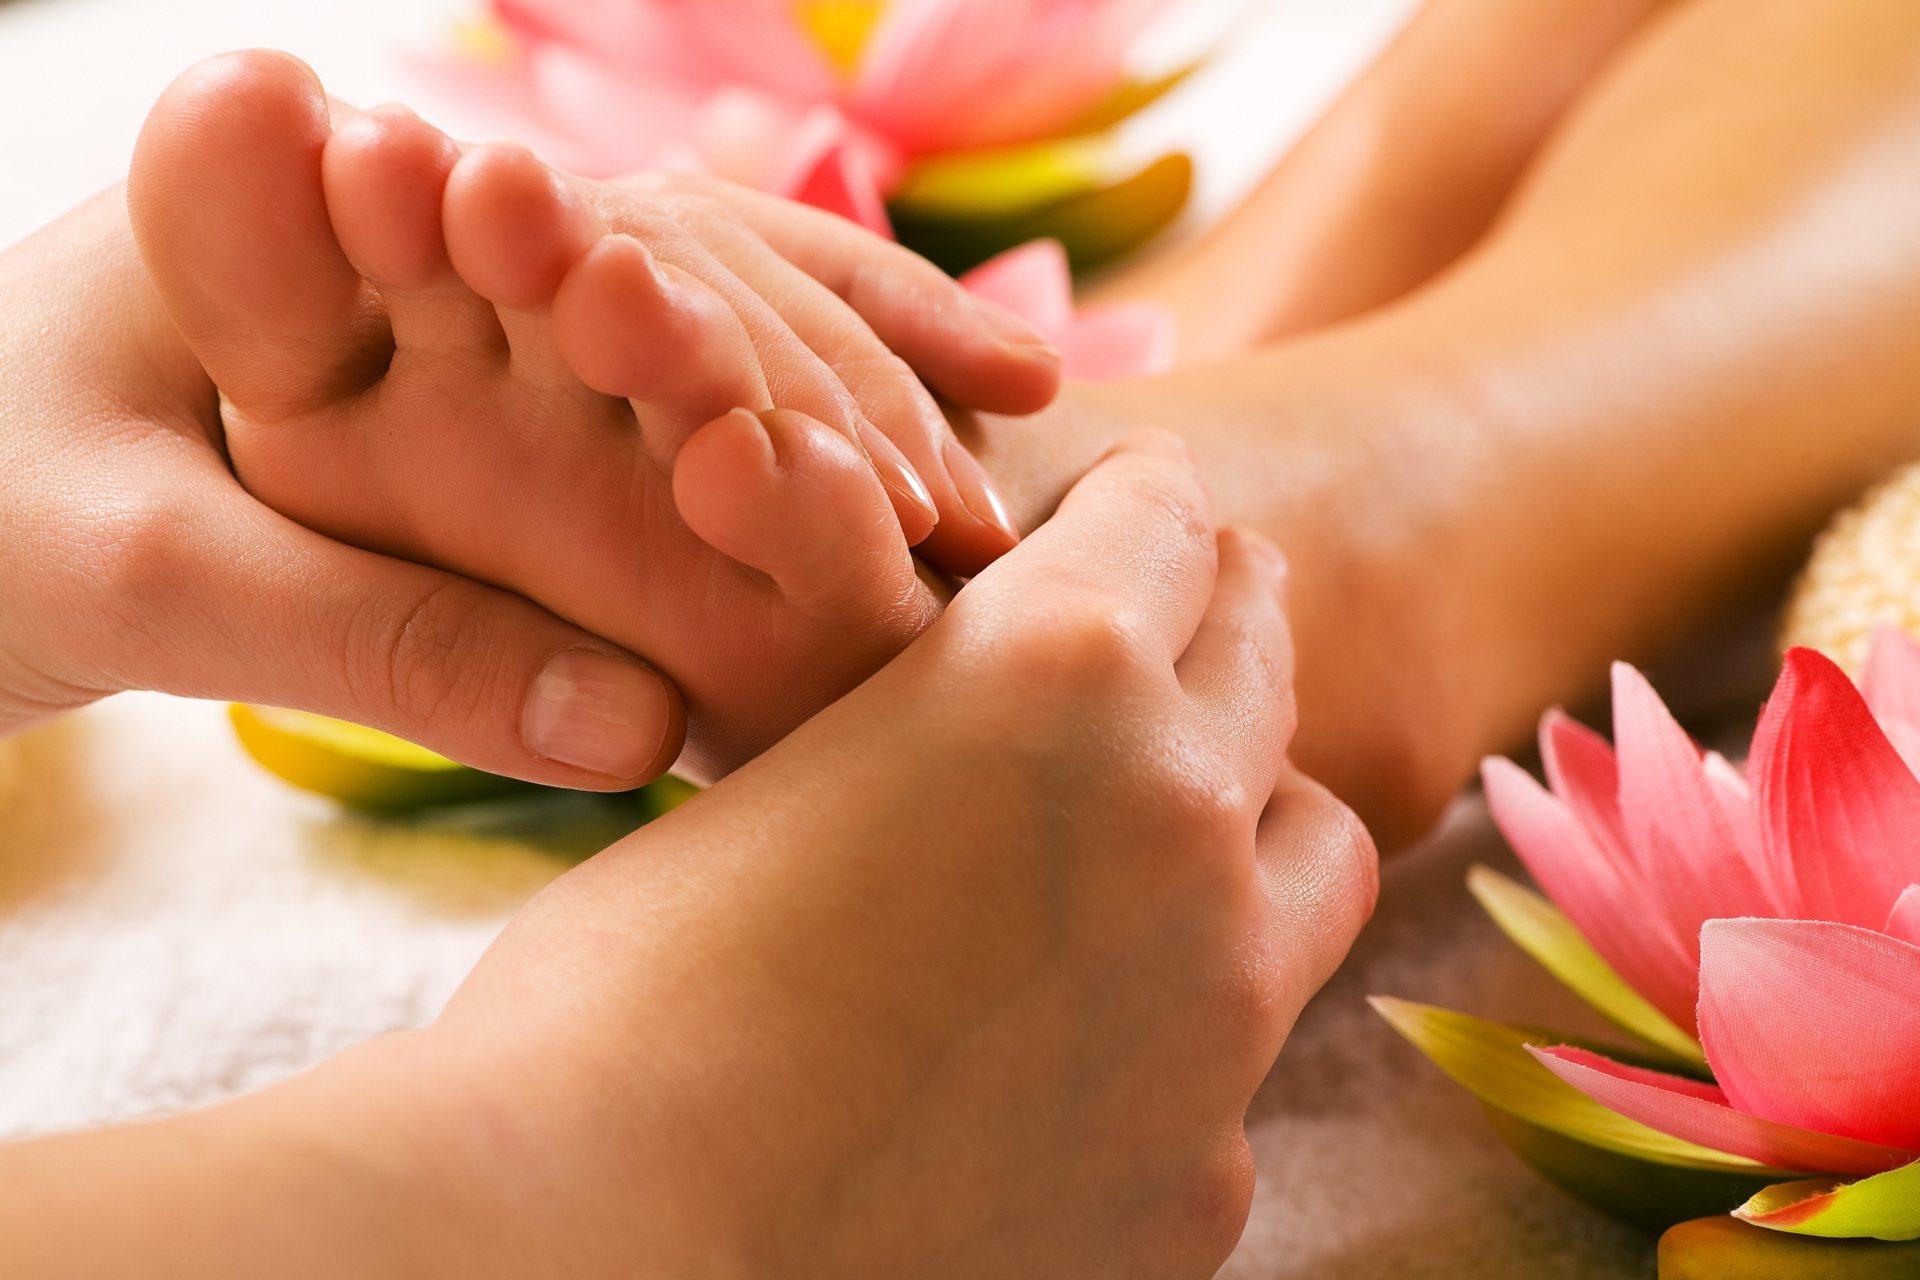 Így vessünk véget a kínzó térdfájdalomnak - EgészségKalauz